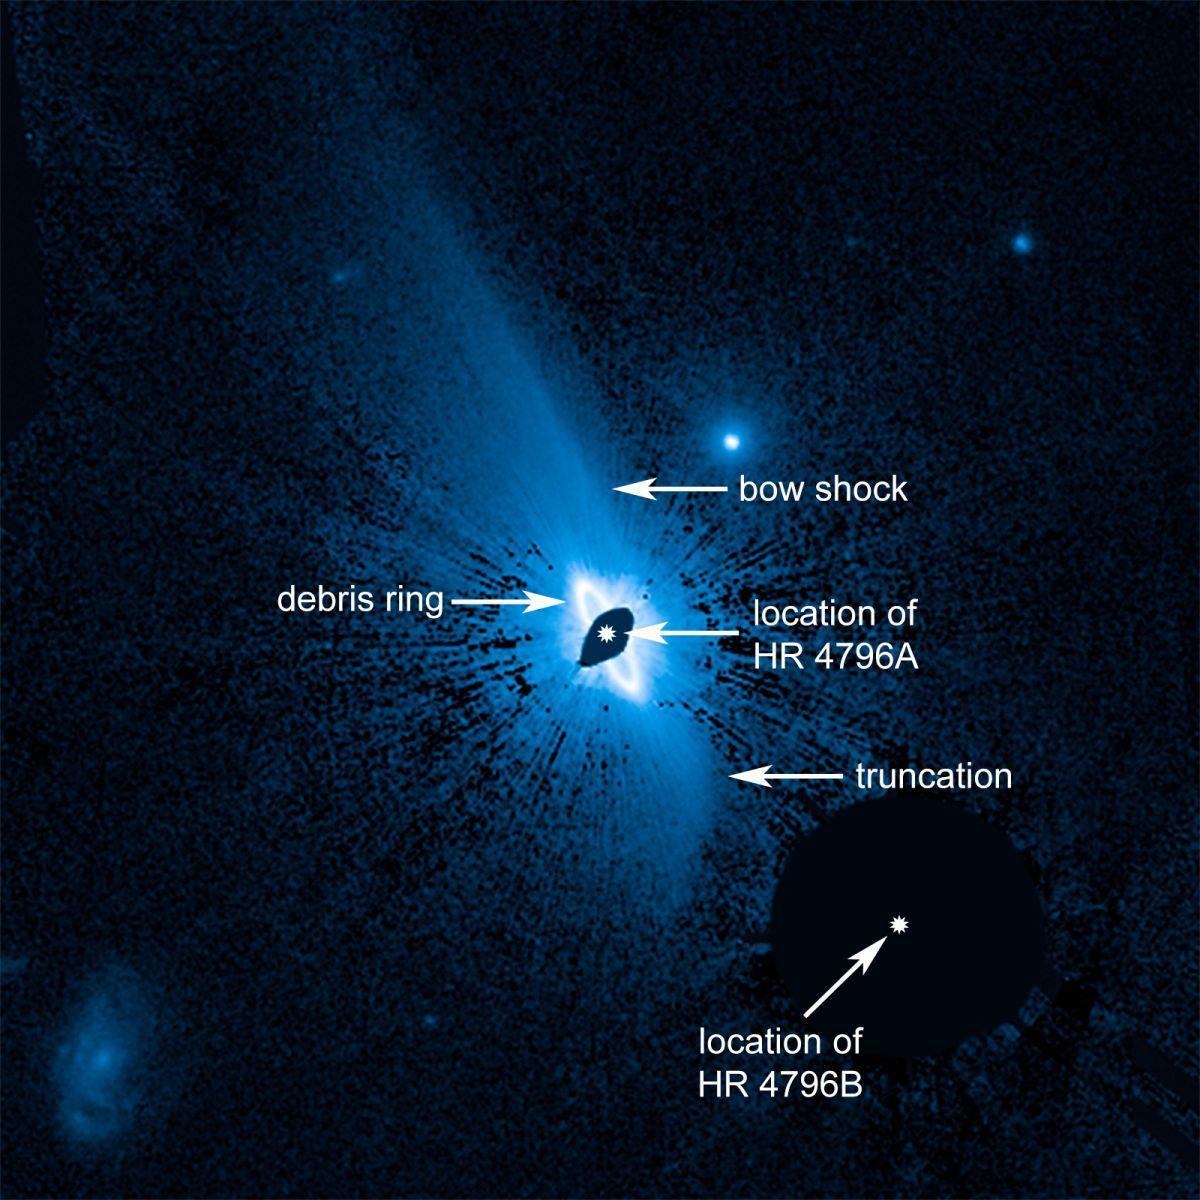 Пылевое кольцо входит в состав более крупной, морфологически сложной структуры / фото NASA/ESA/G. Schneider (Univ. of Arizona)